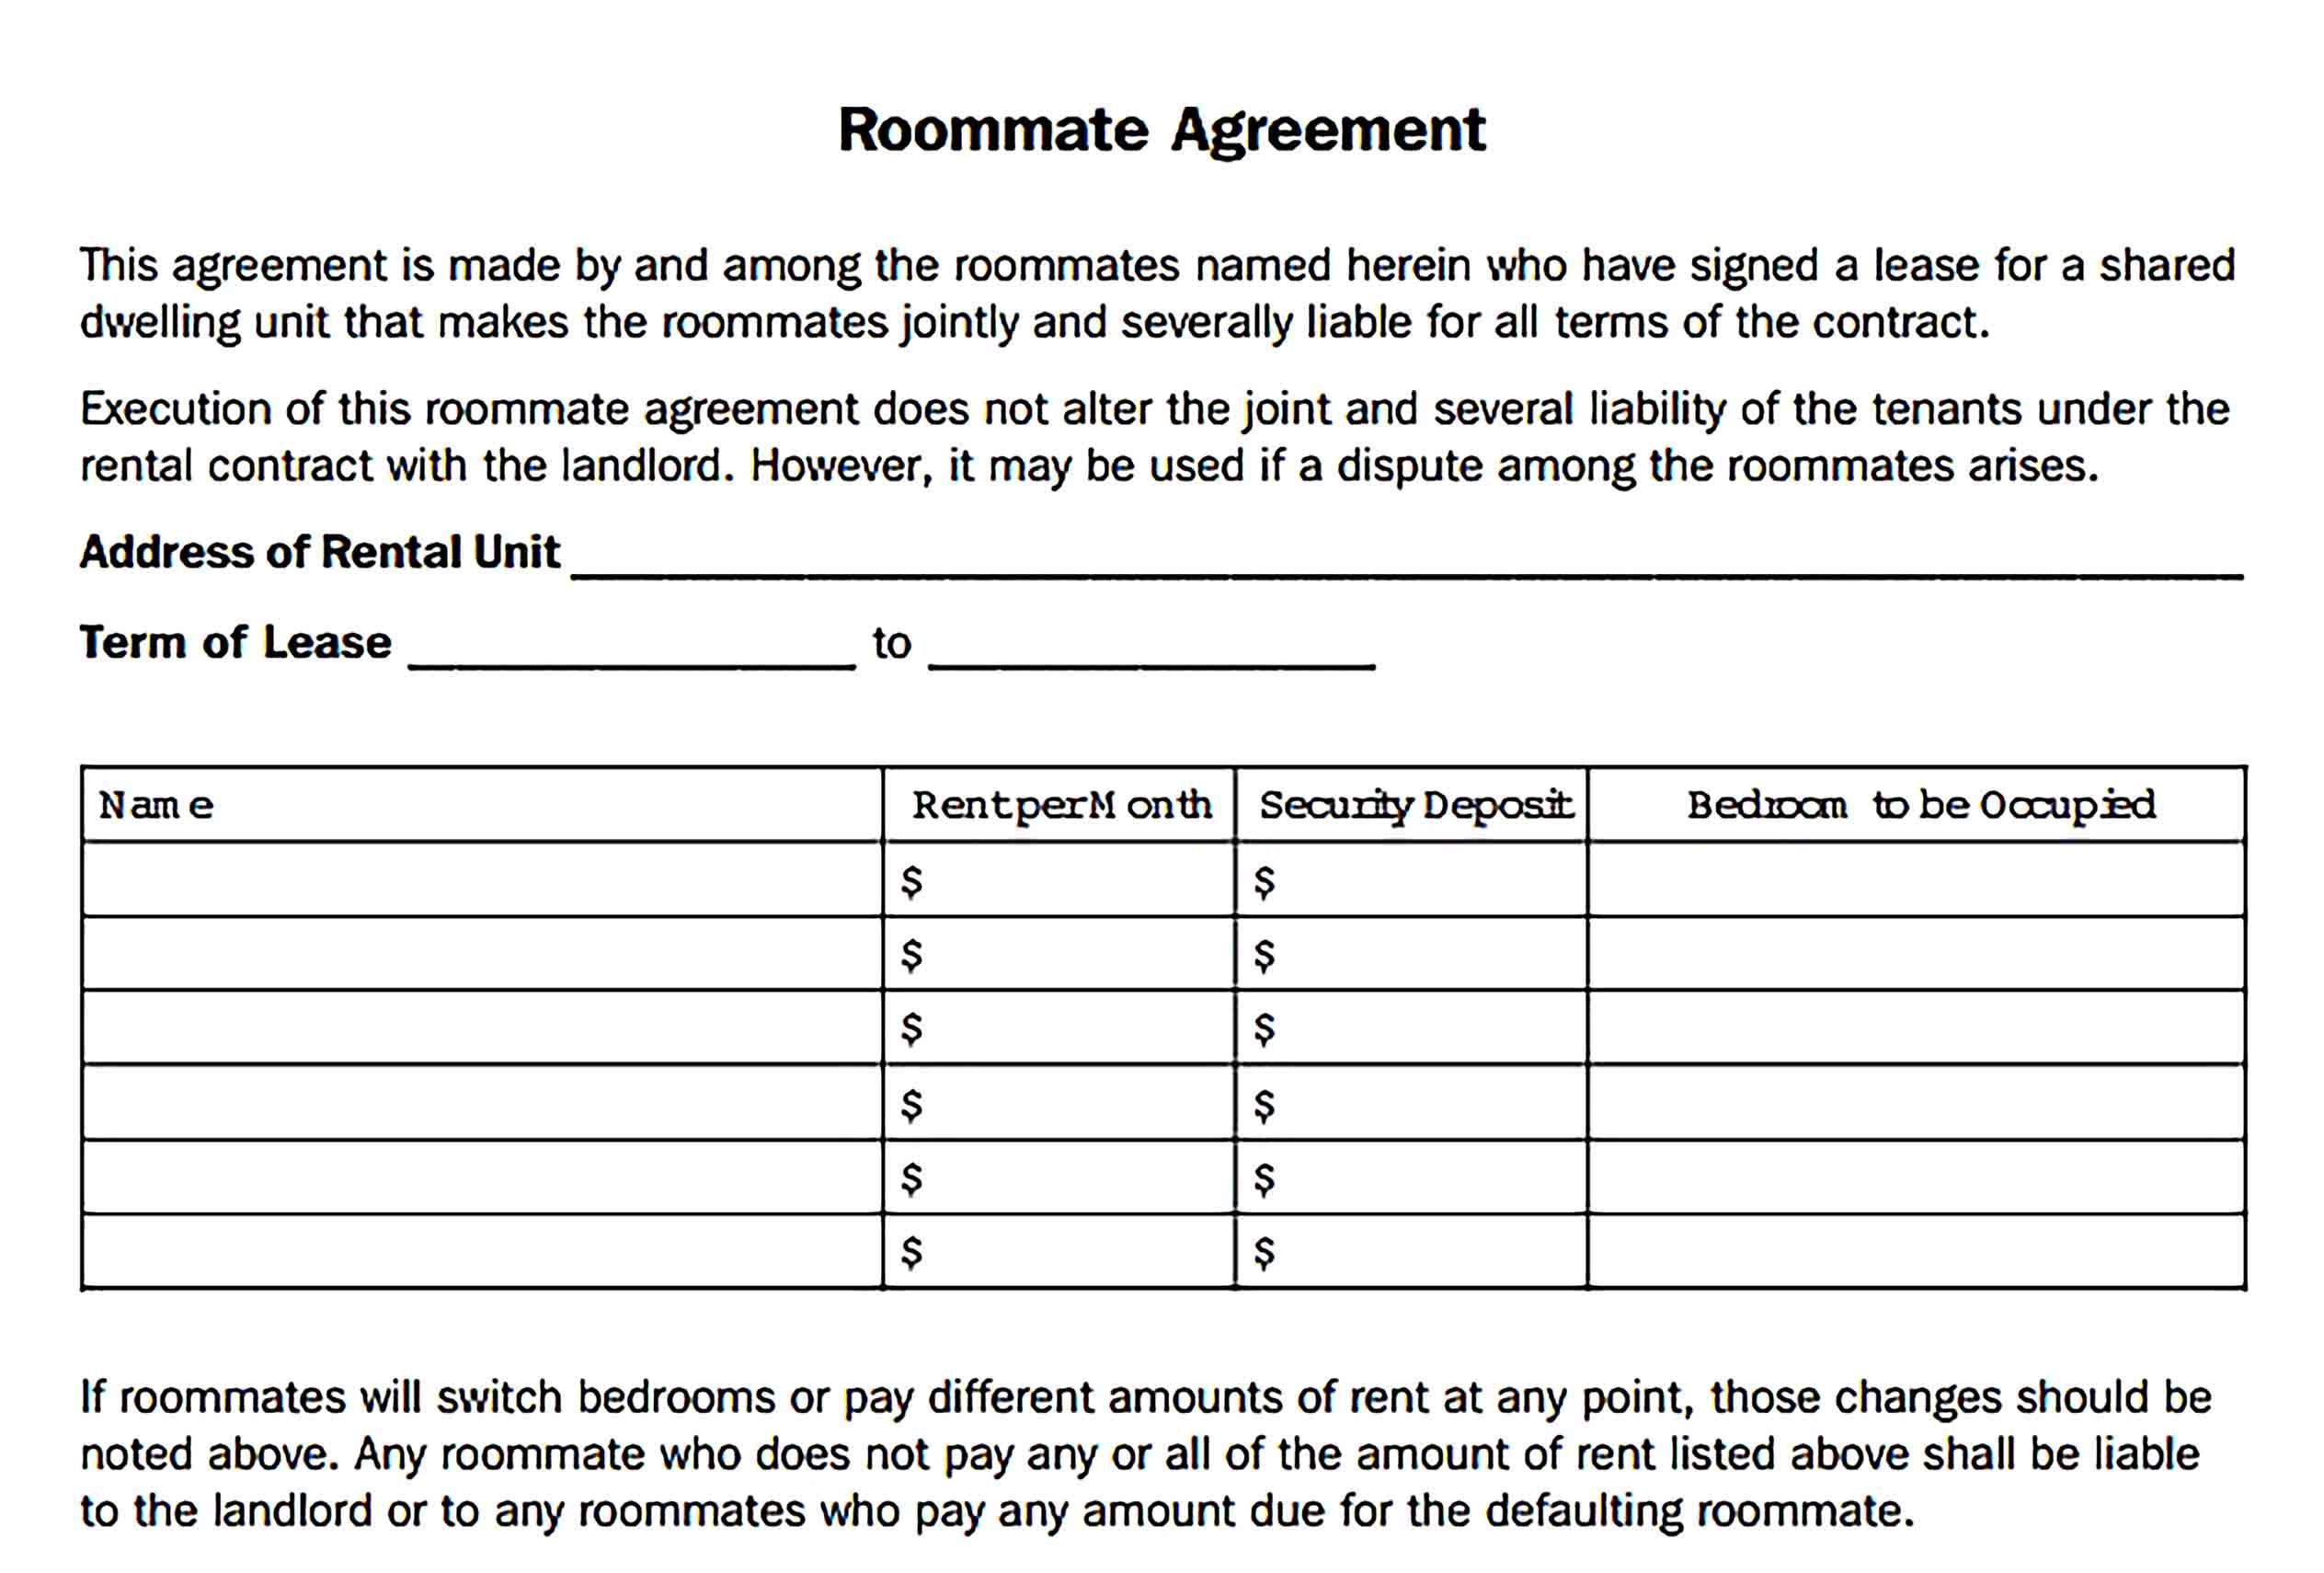 Roommate Rental Agreement Sample Template in 2020 | Rental ...